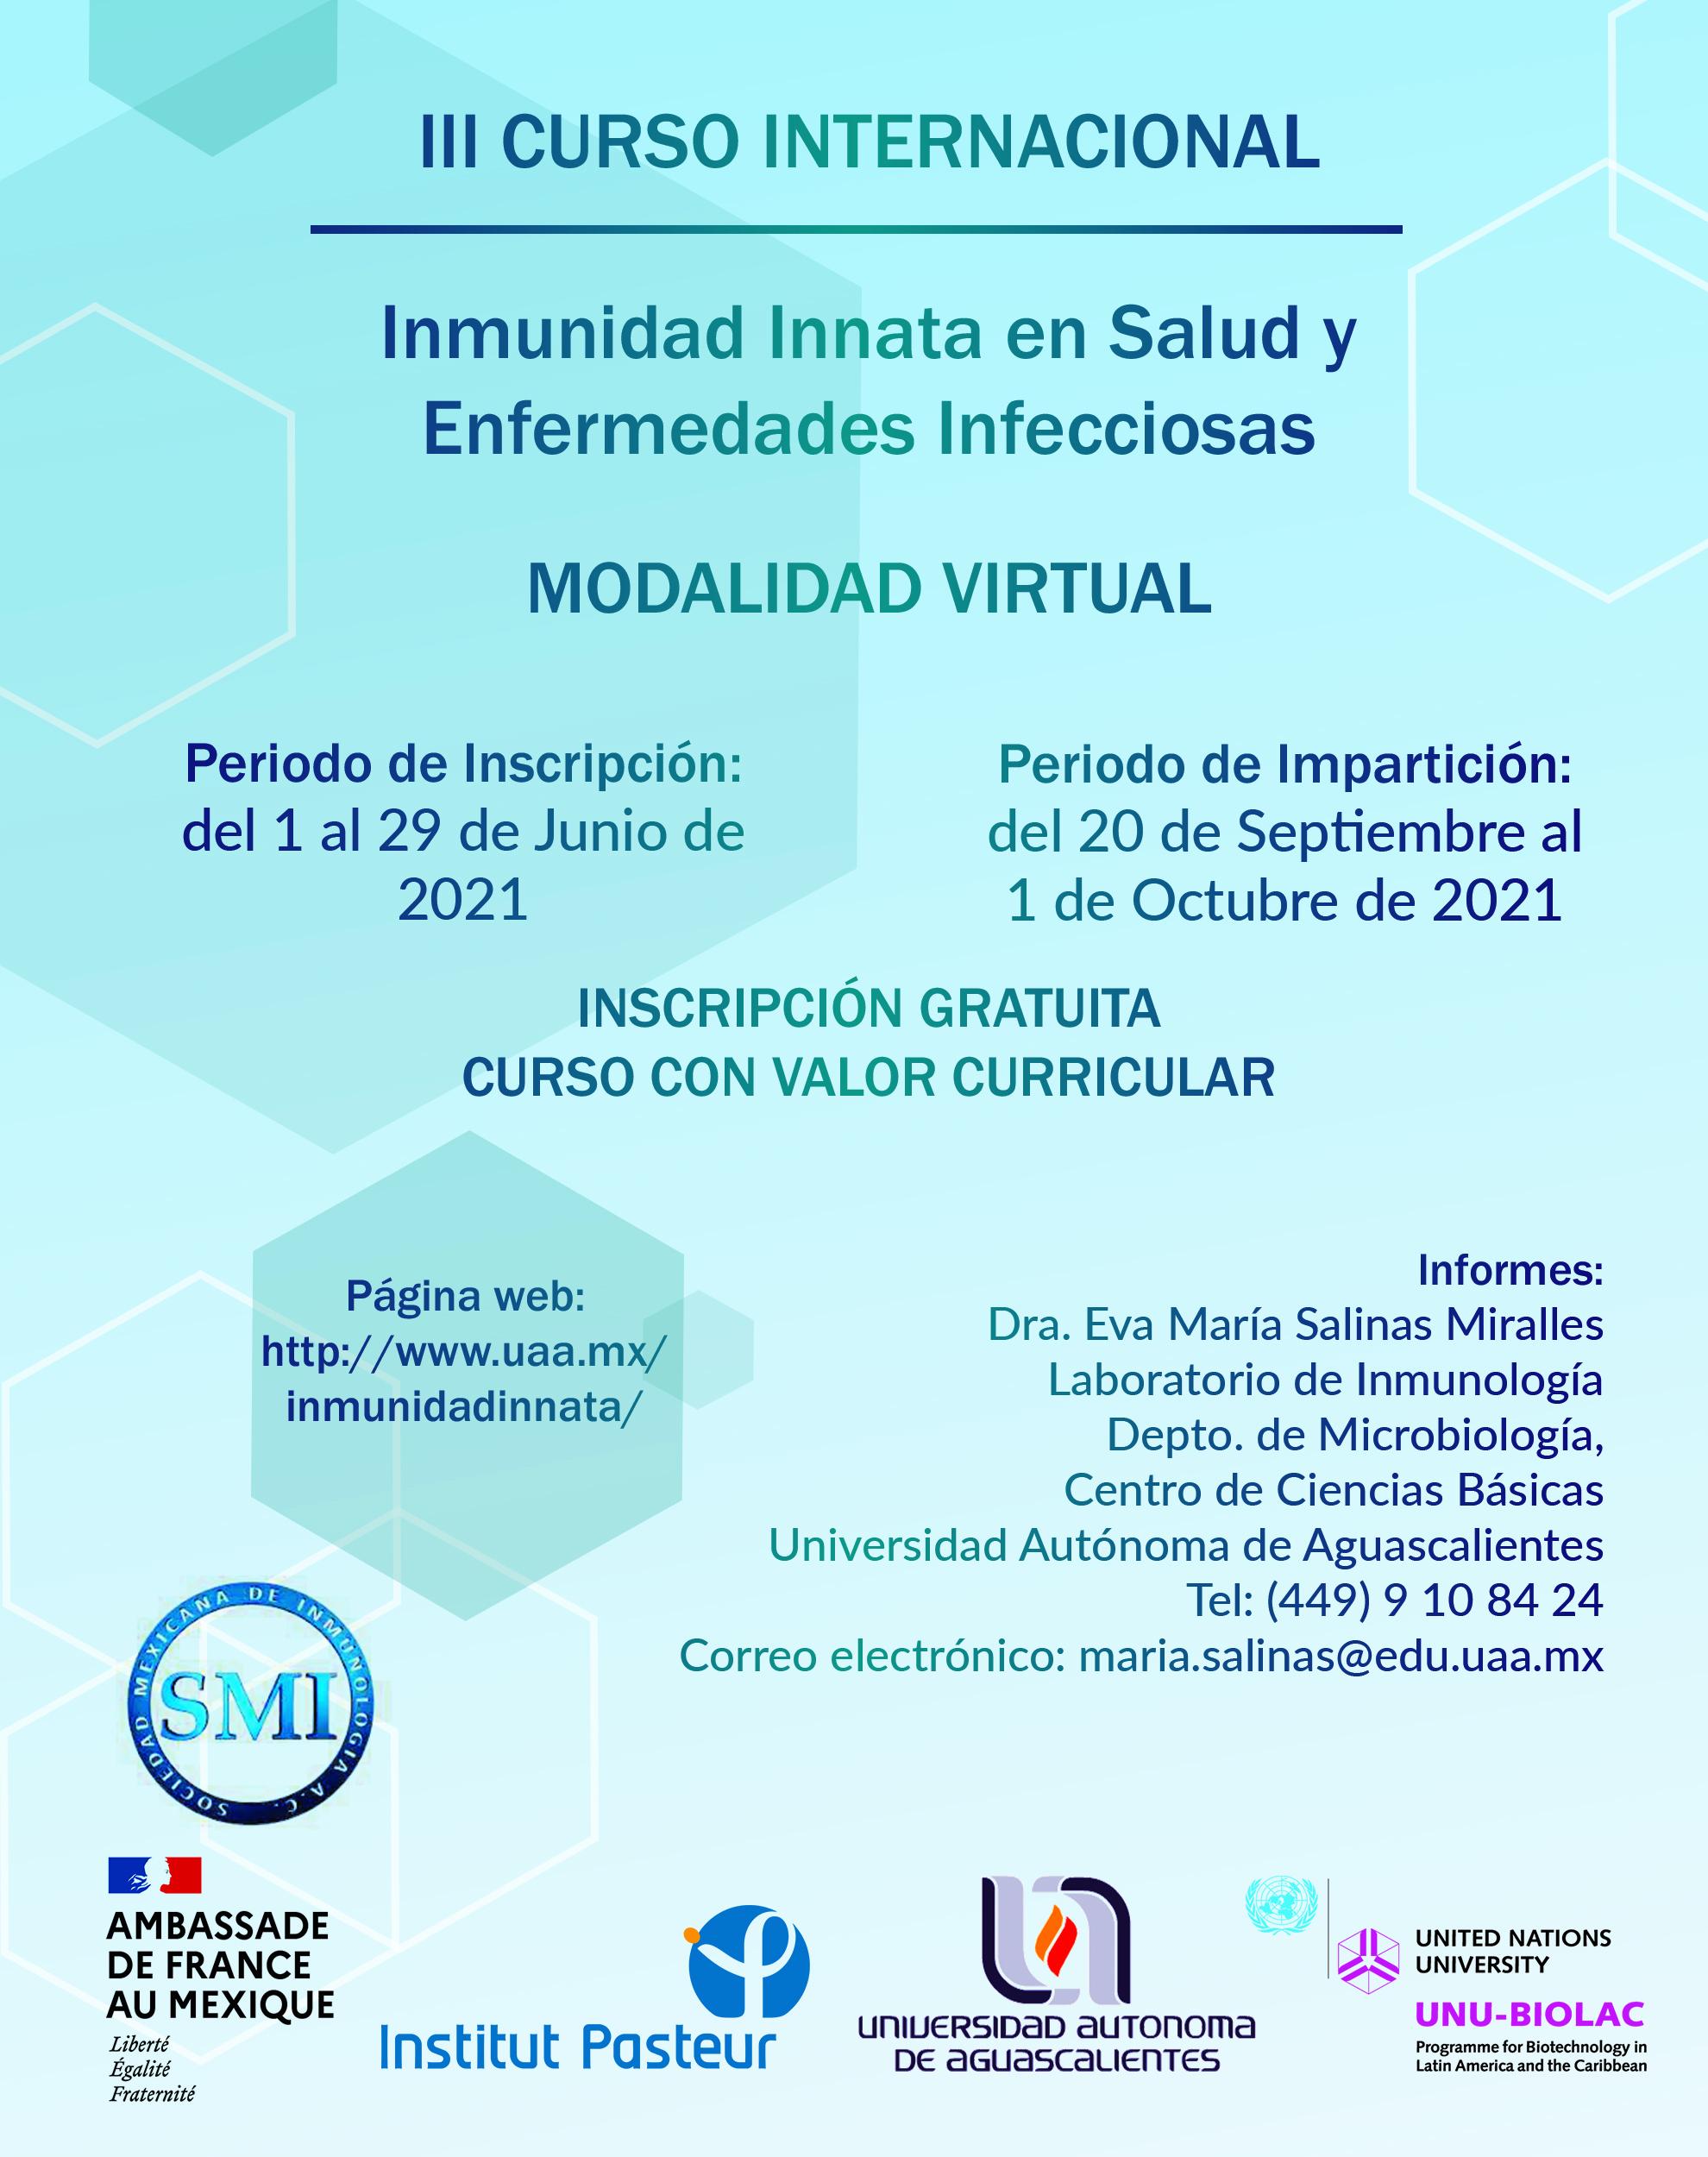 III Curso Internacional de Inmunidad Innata